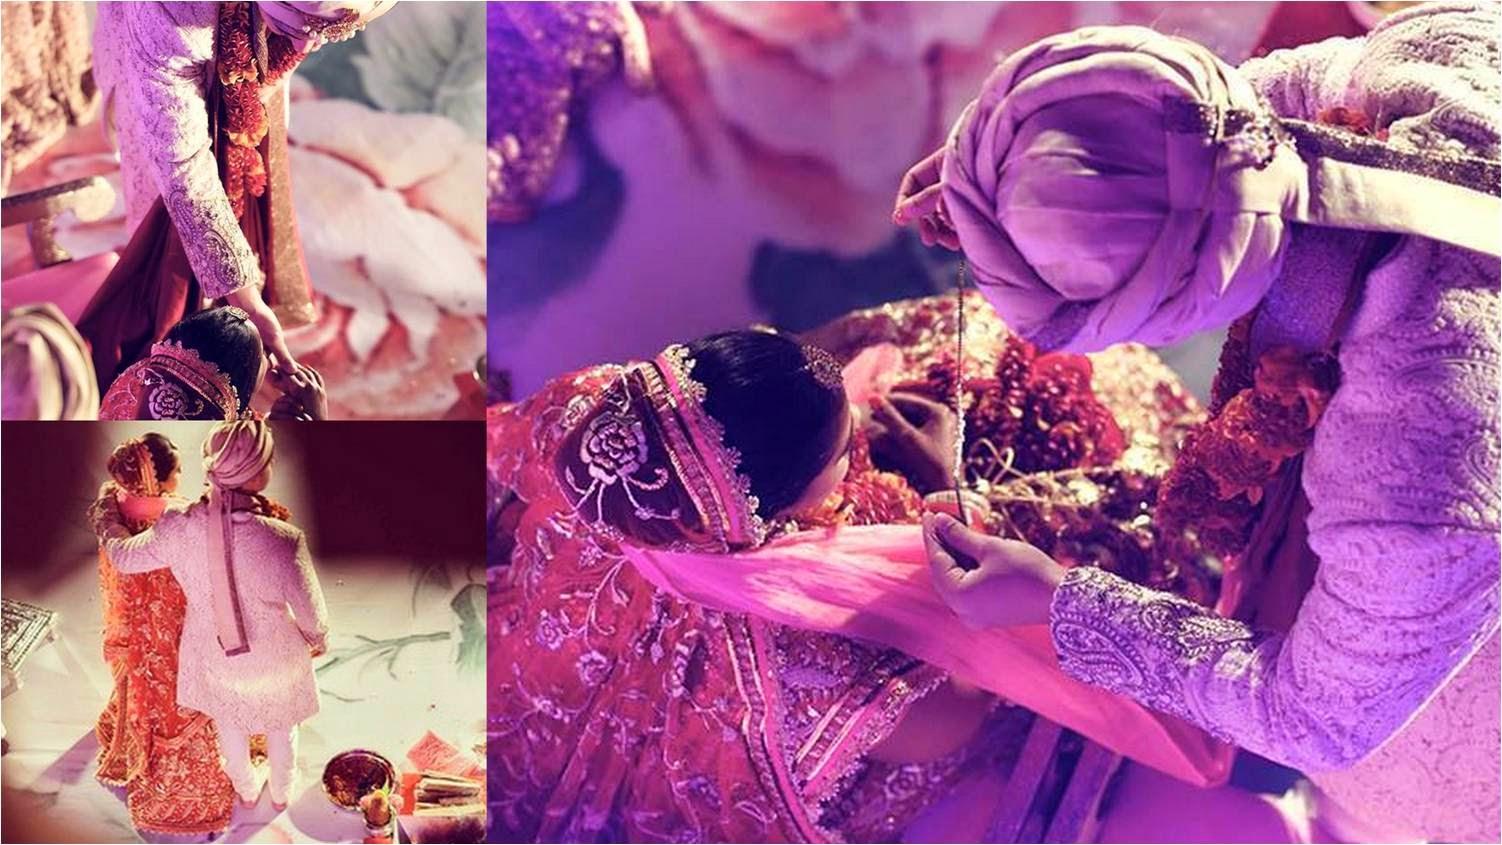 Arpita wearing mangalsutra from Aayush's hands